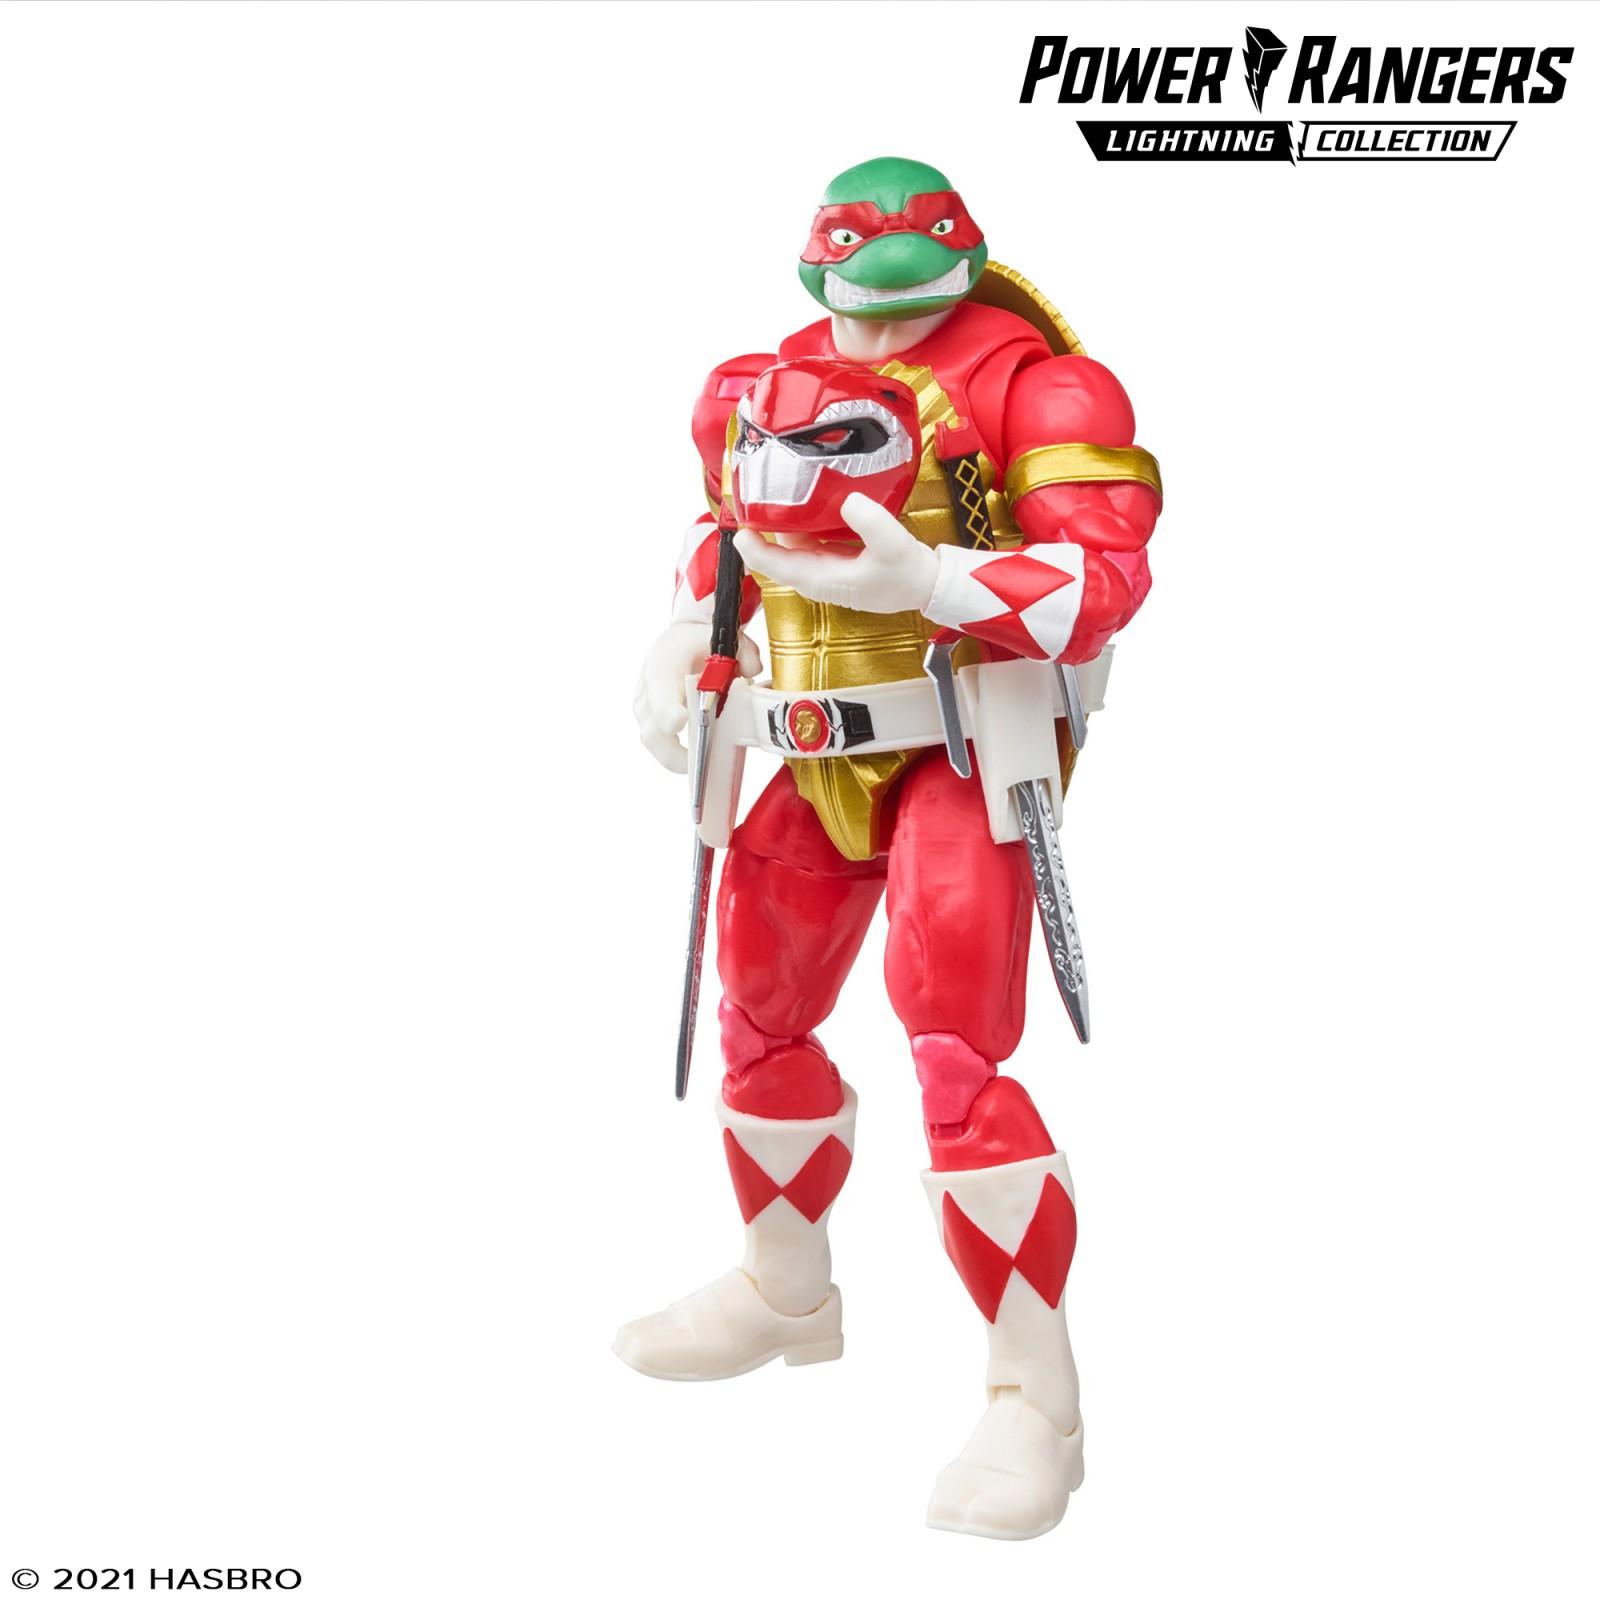 TMNT, Power Rangers, Teenage Mutant Ninja Turtles, Hasbro, Las Tortugas Ninja